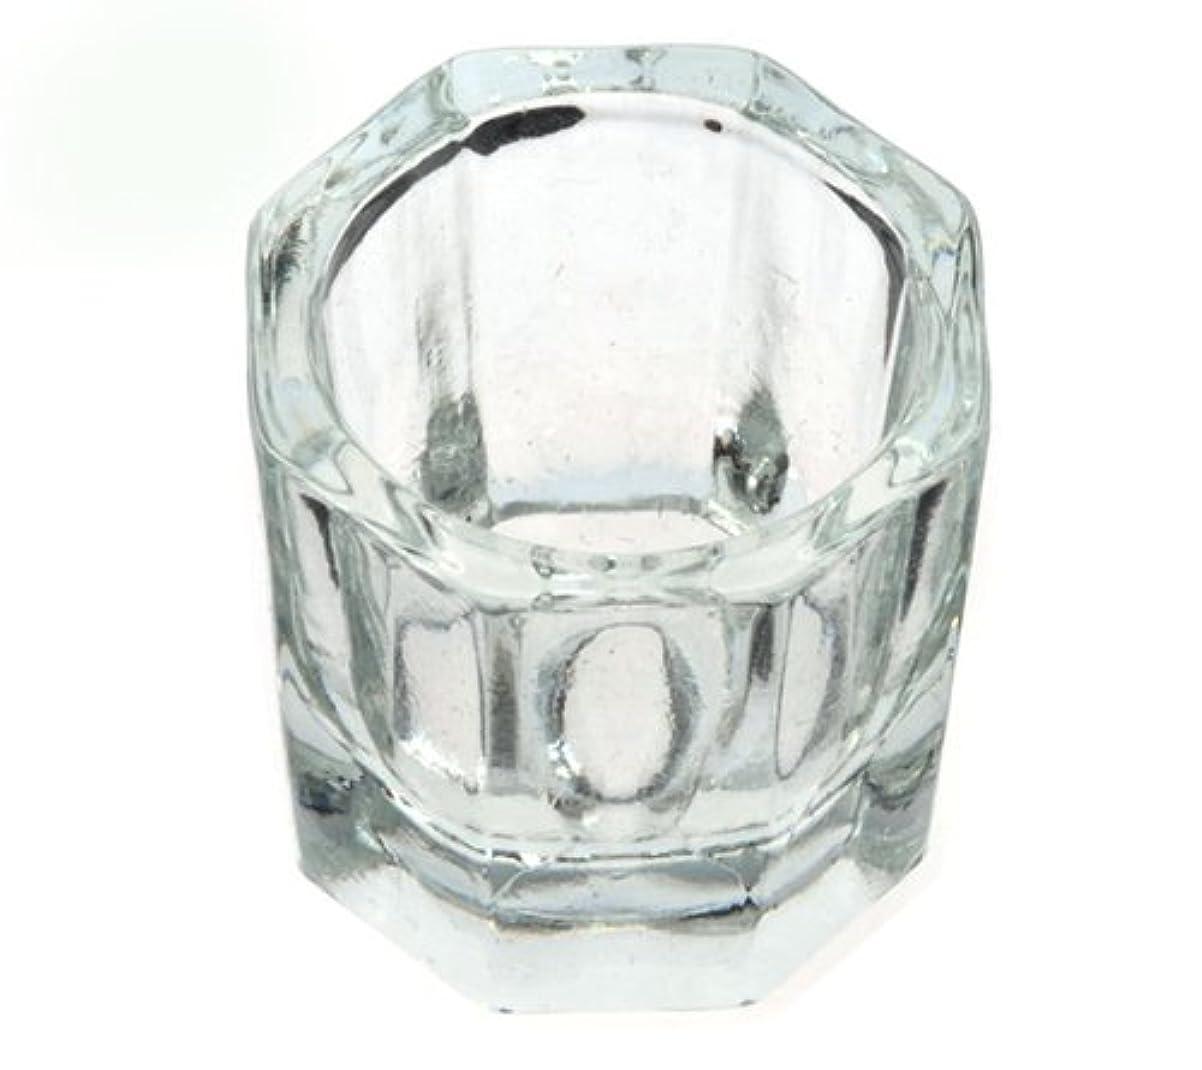 請求可能うれしい報酬のダッペンディッシュ グラスディッシュ 筆洗い ガラス容器 ジェルネイル用筆洗浄